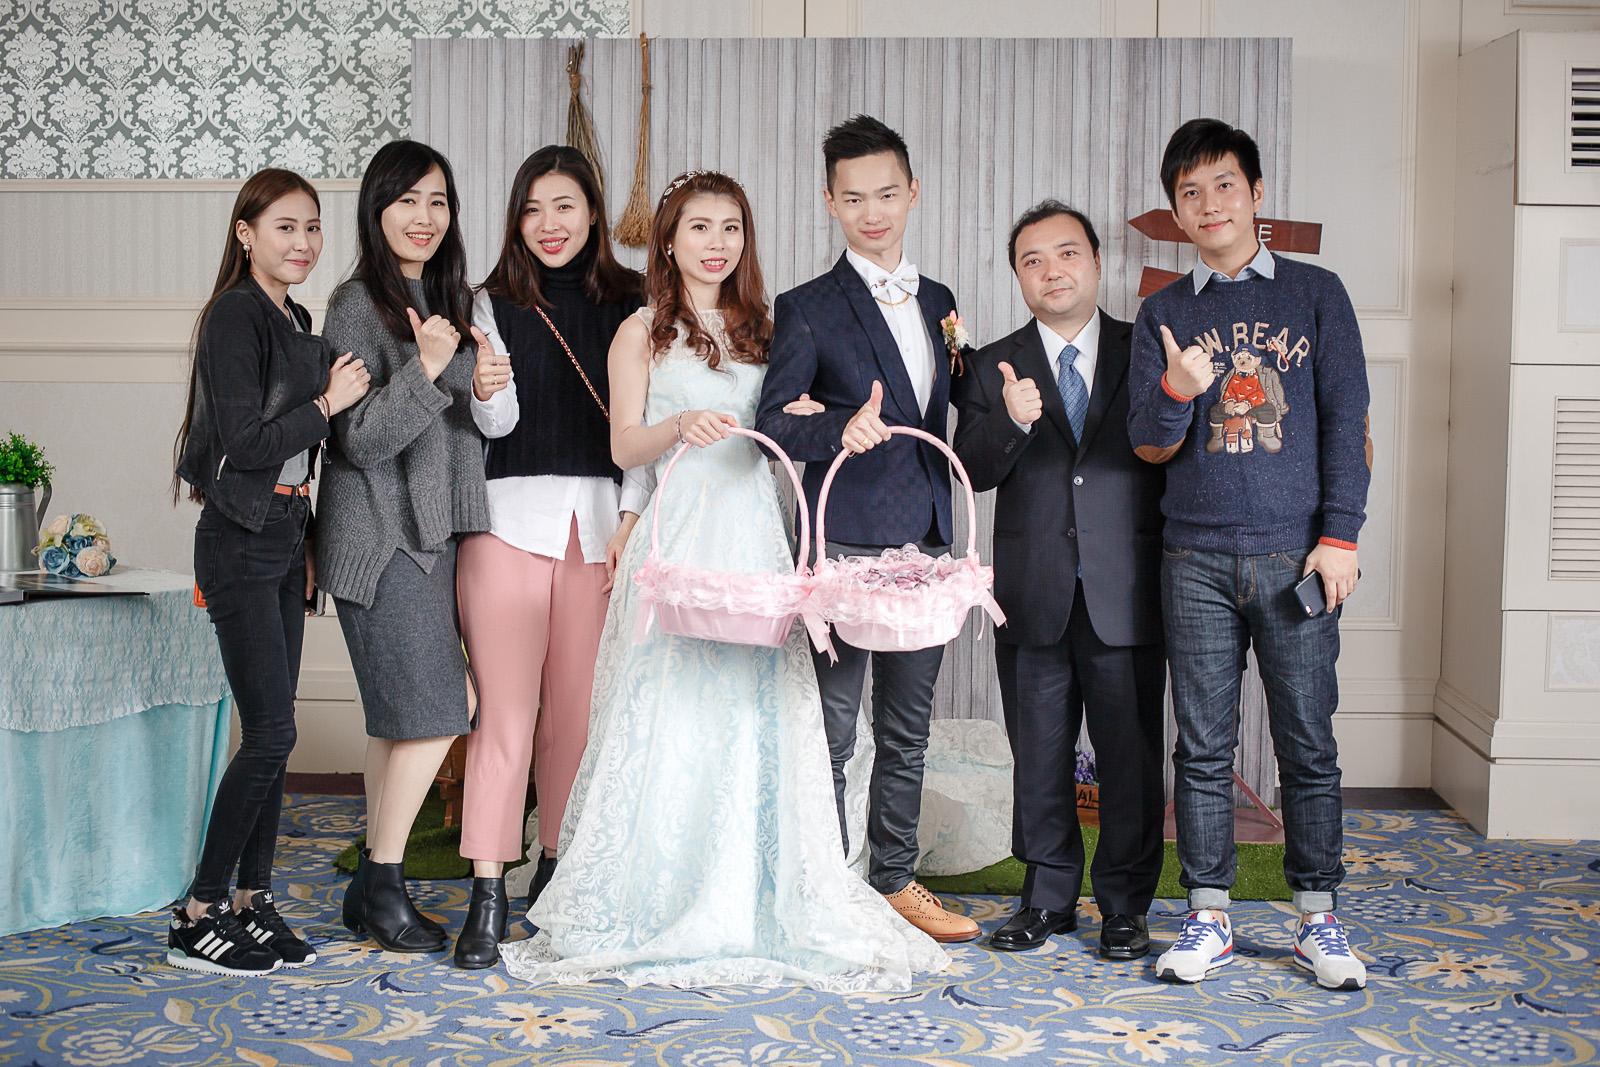 高雄圓山飯店,婚禮攝影,婚攝,高雄婚攝,優質婚攝推薦,Jen&Ethan-332